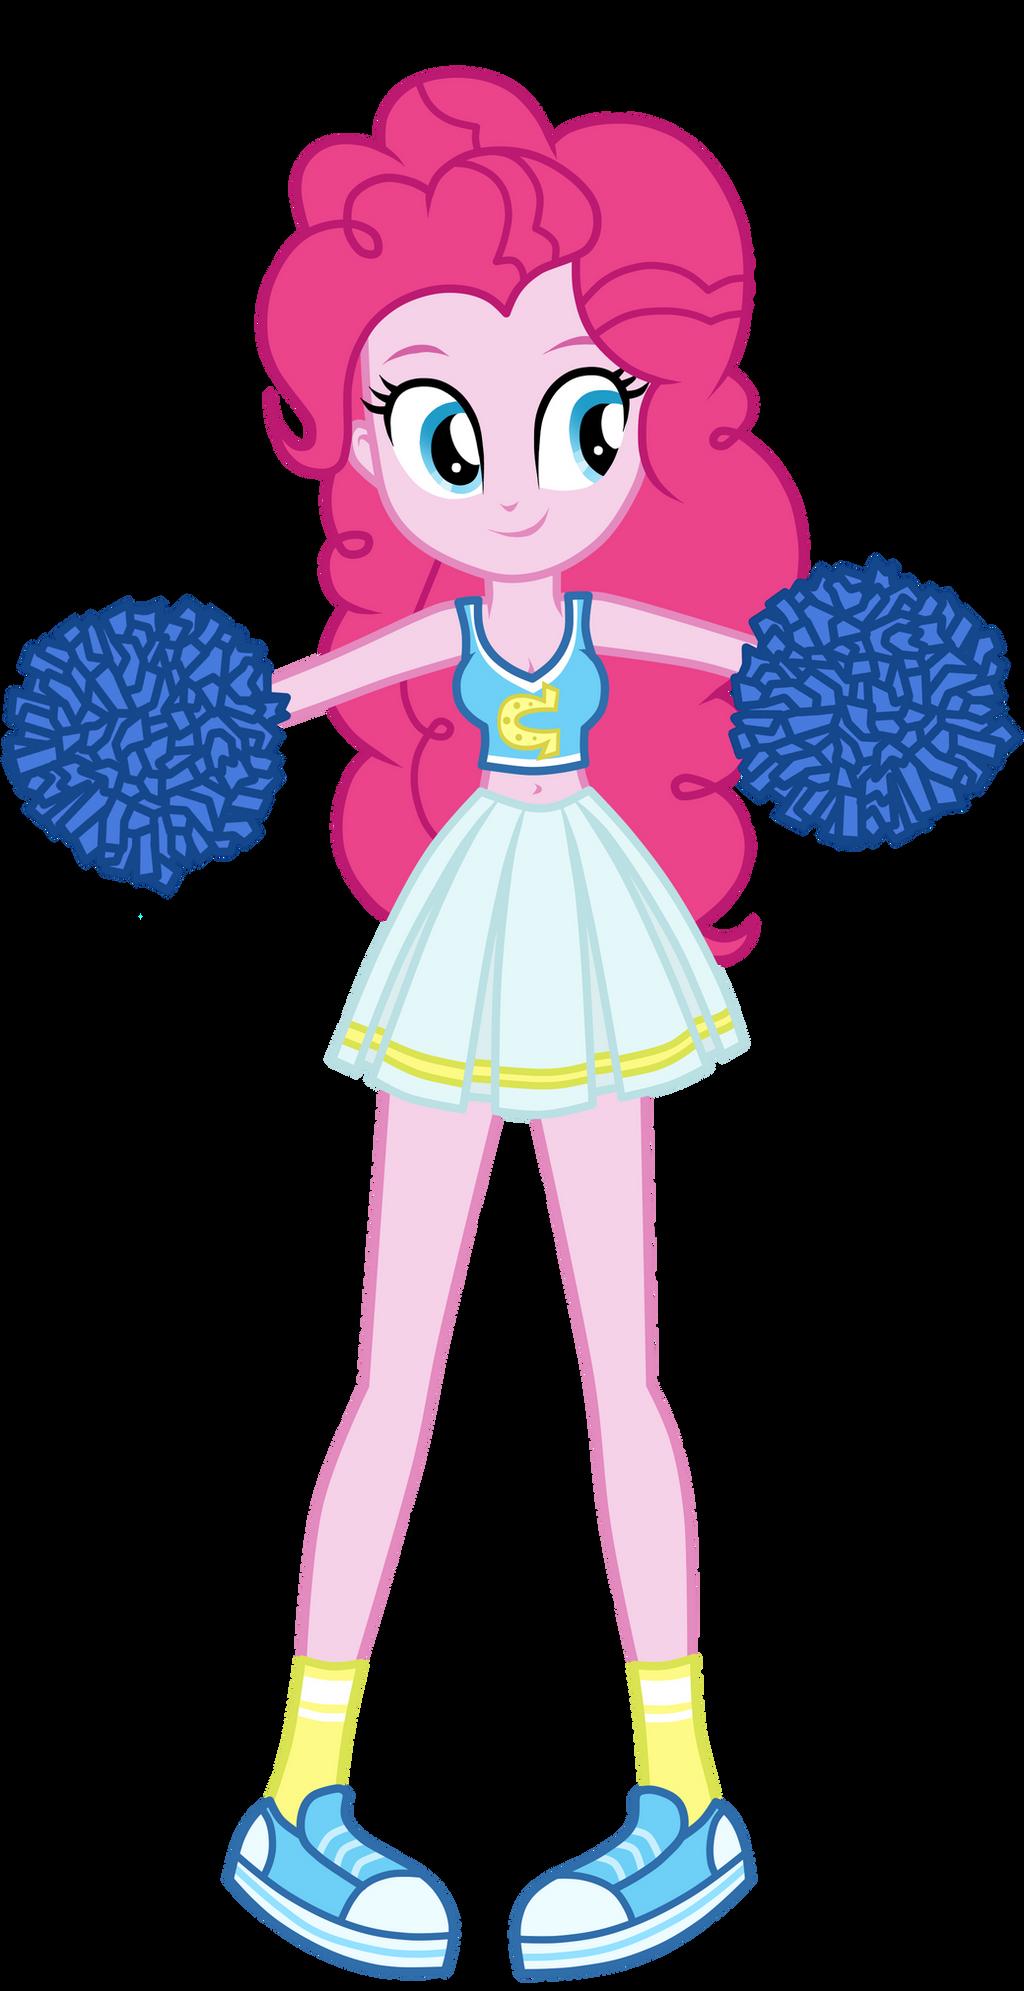 Cheerleader Pinkie Pie By MixiePie On DeviantArt